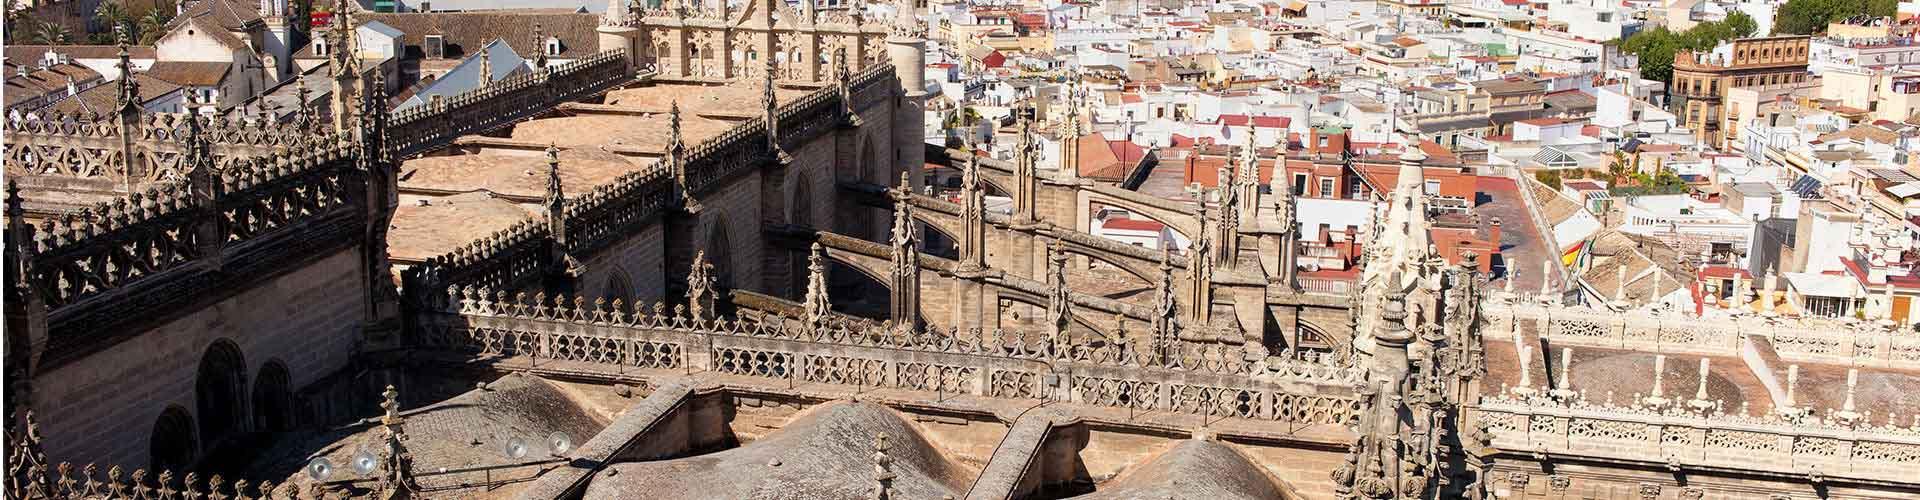 Seville - Appartements dans le quartier de El Arenal. Cartes pour Seville, photos et commentaires pour chaque appartement à Seville.